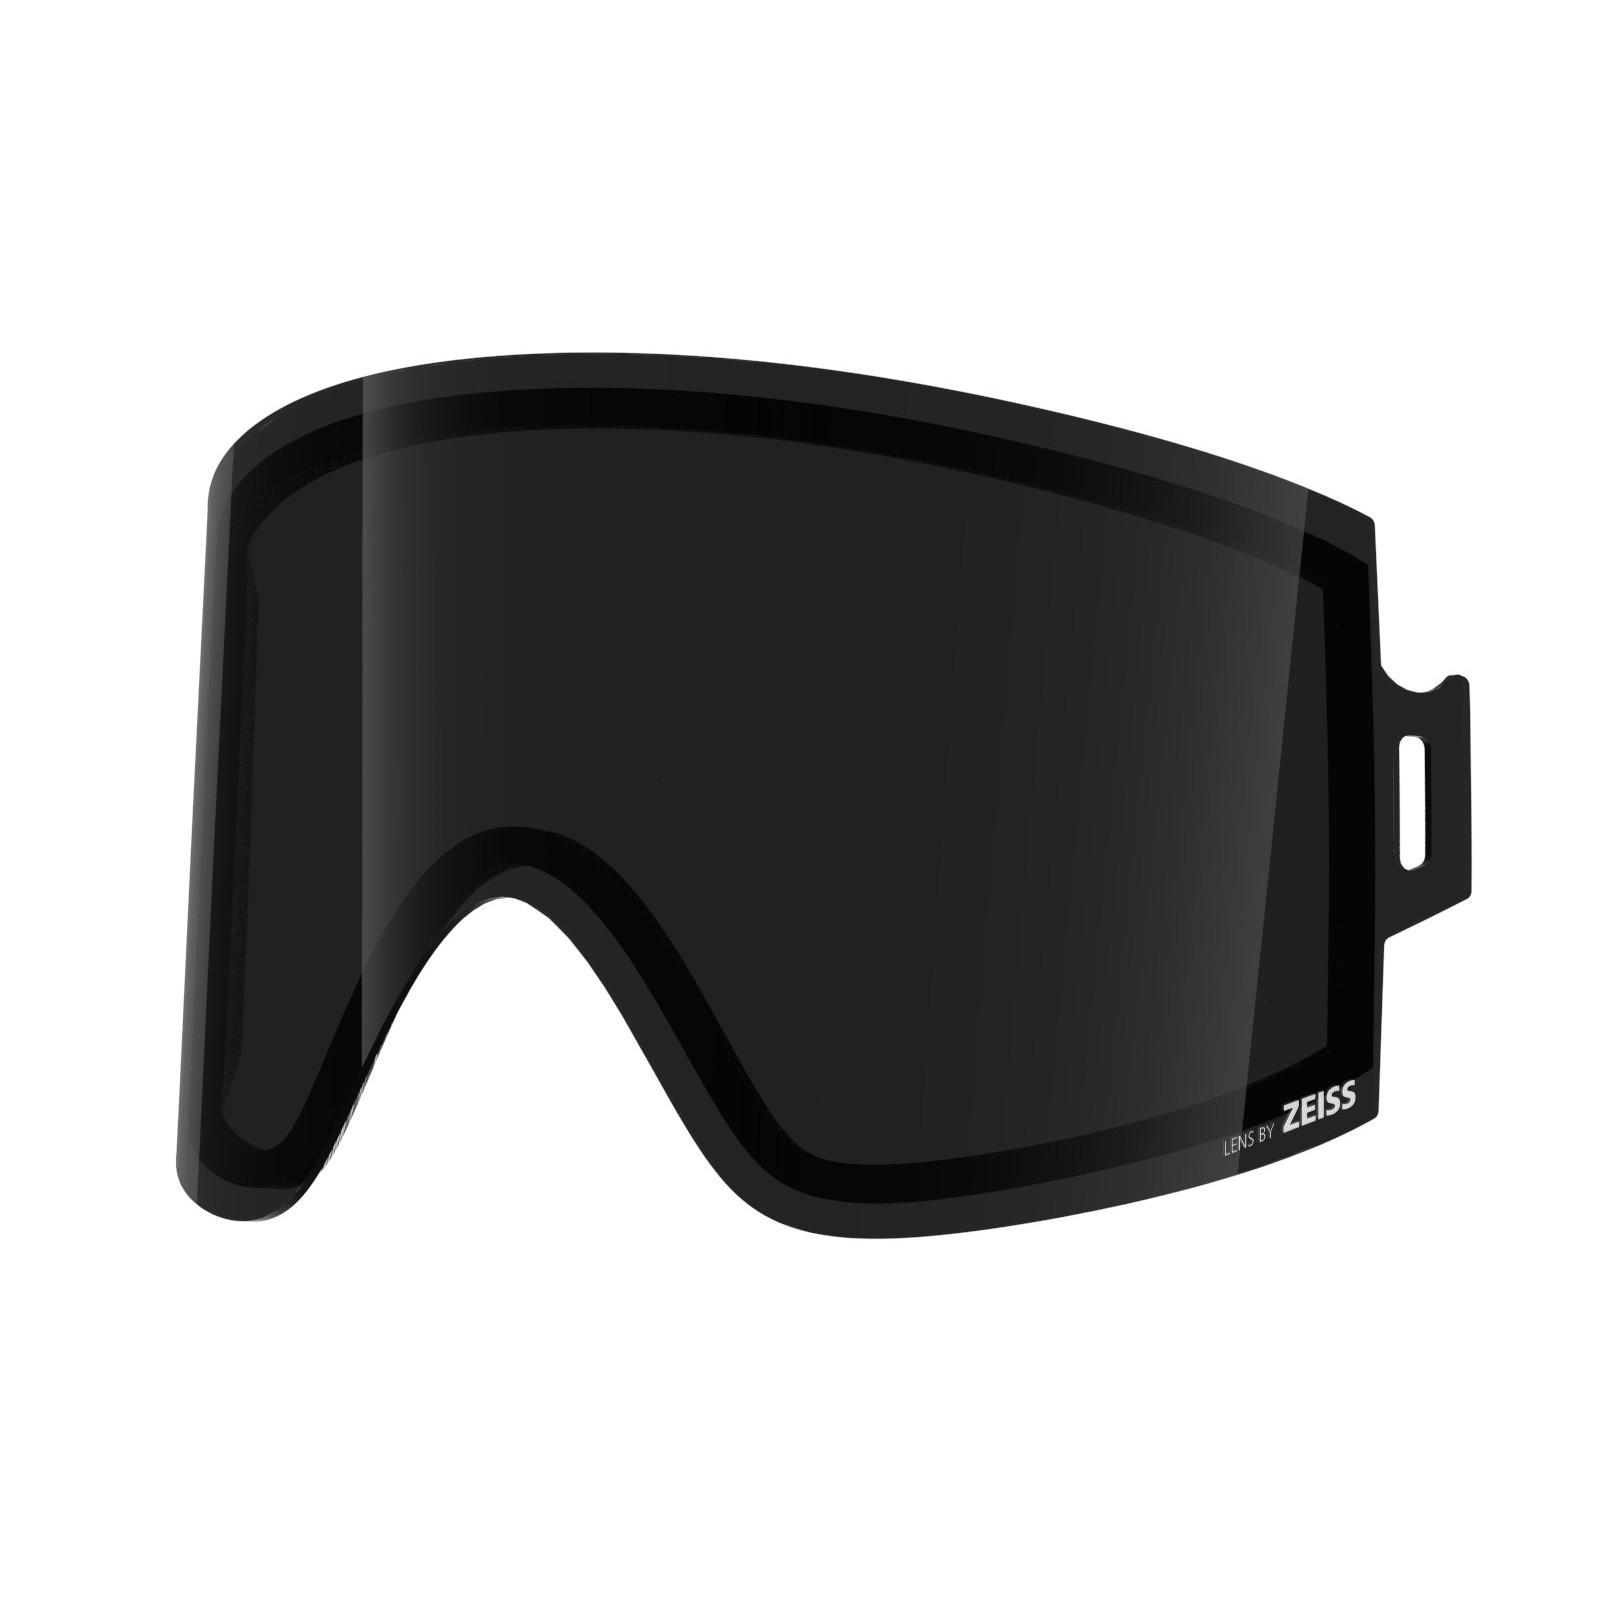 SMOKE lens for  Katana goggle